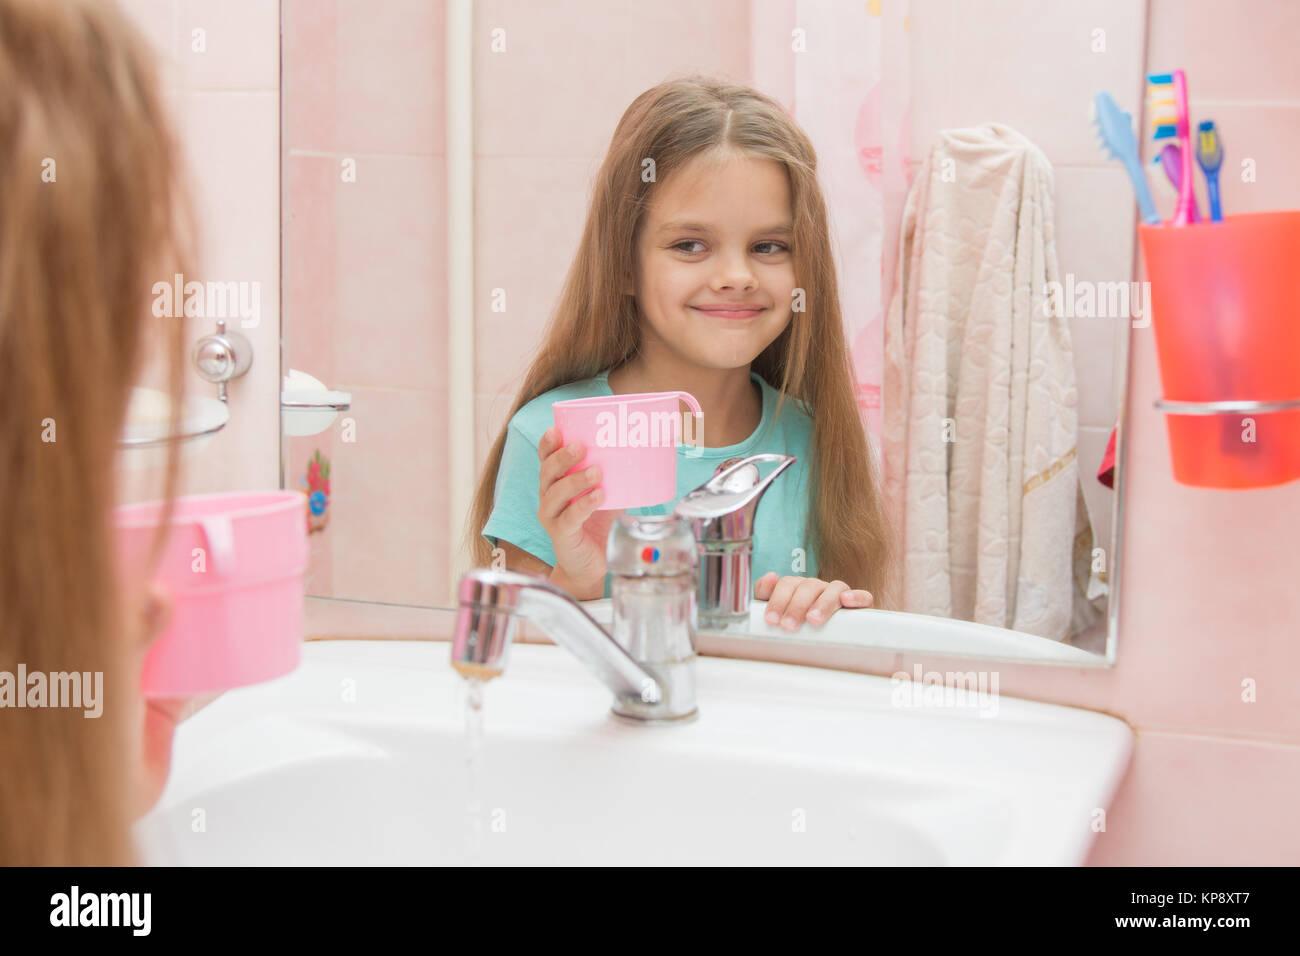 Glückliches Mädchen hält eine Tasse und schaut in den Spiegel im ...